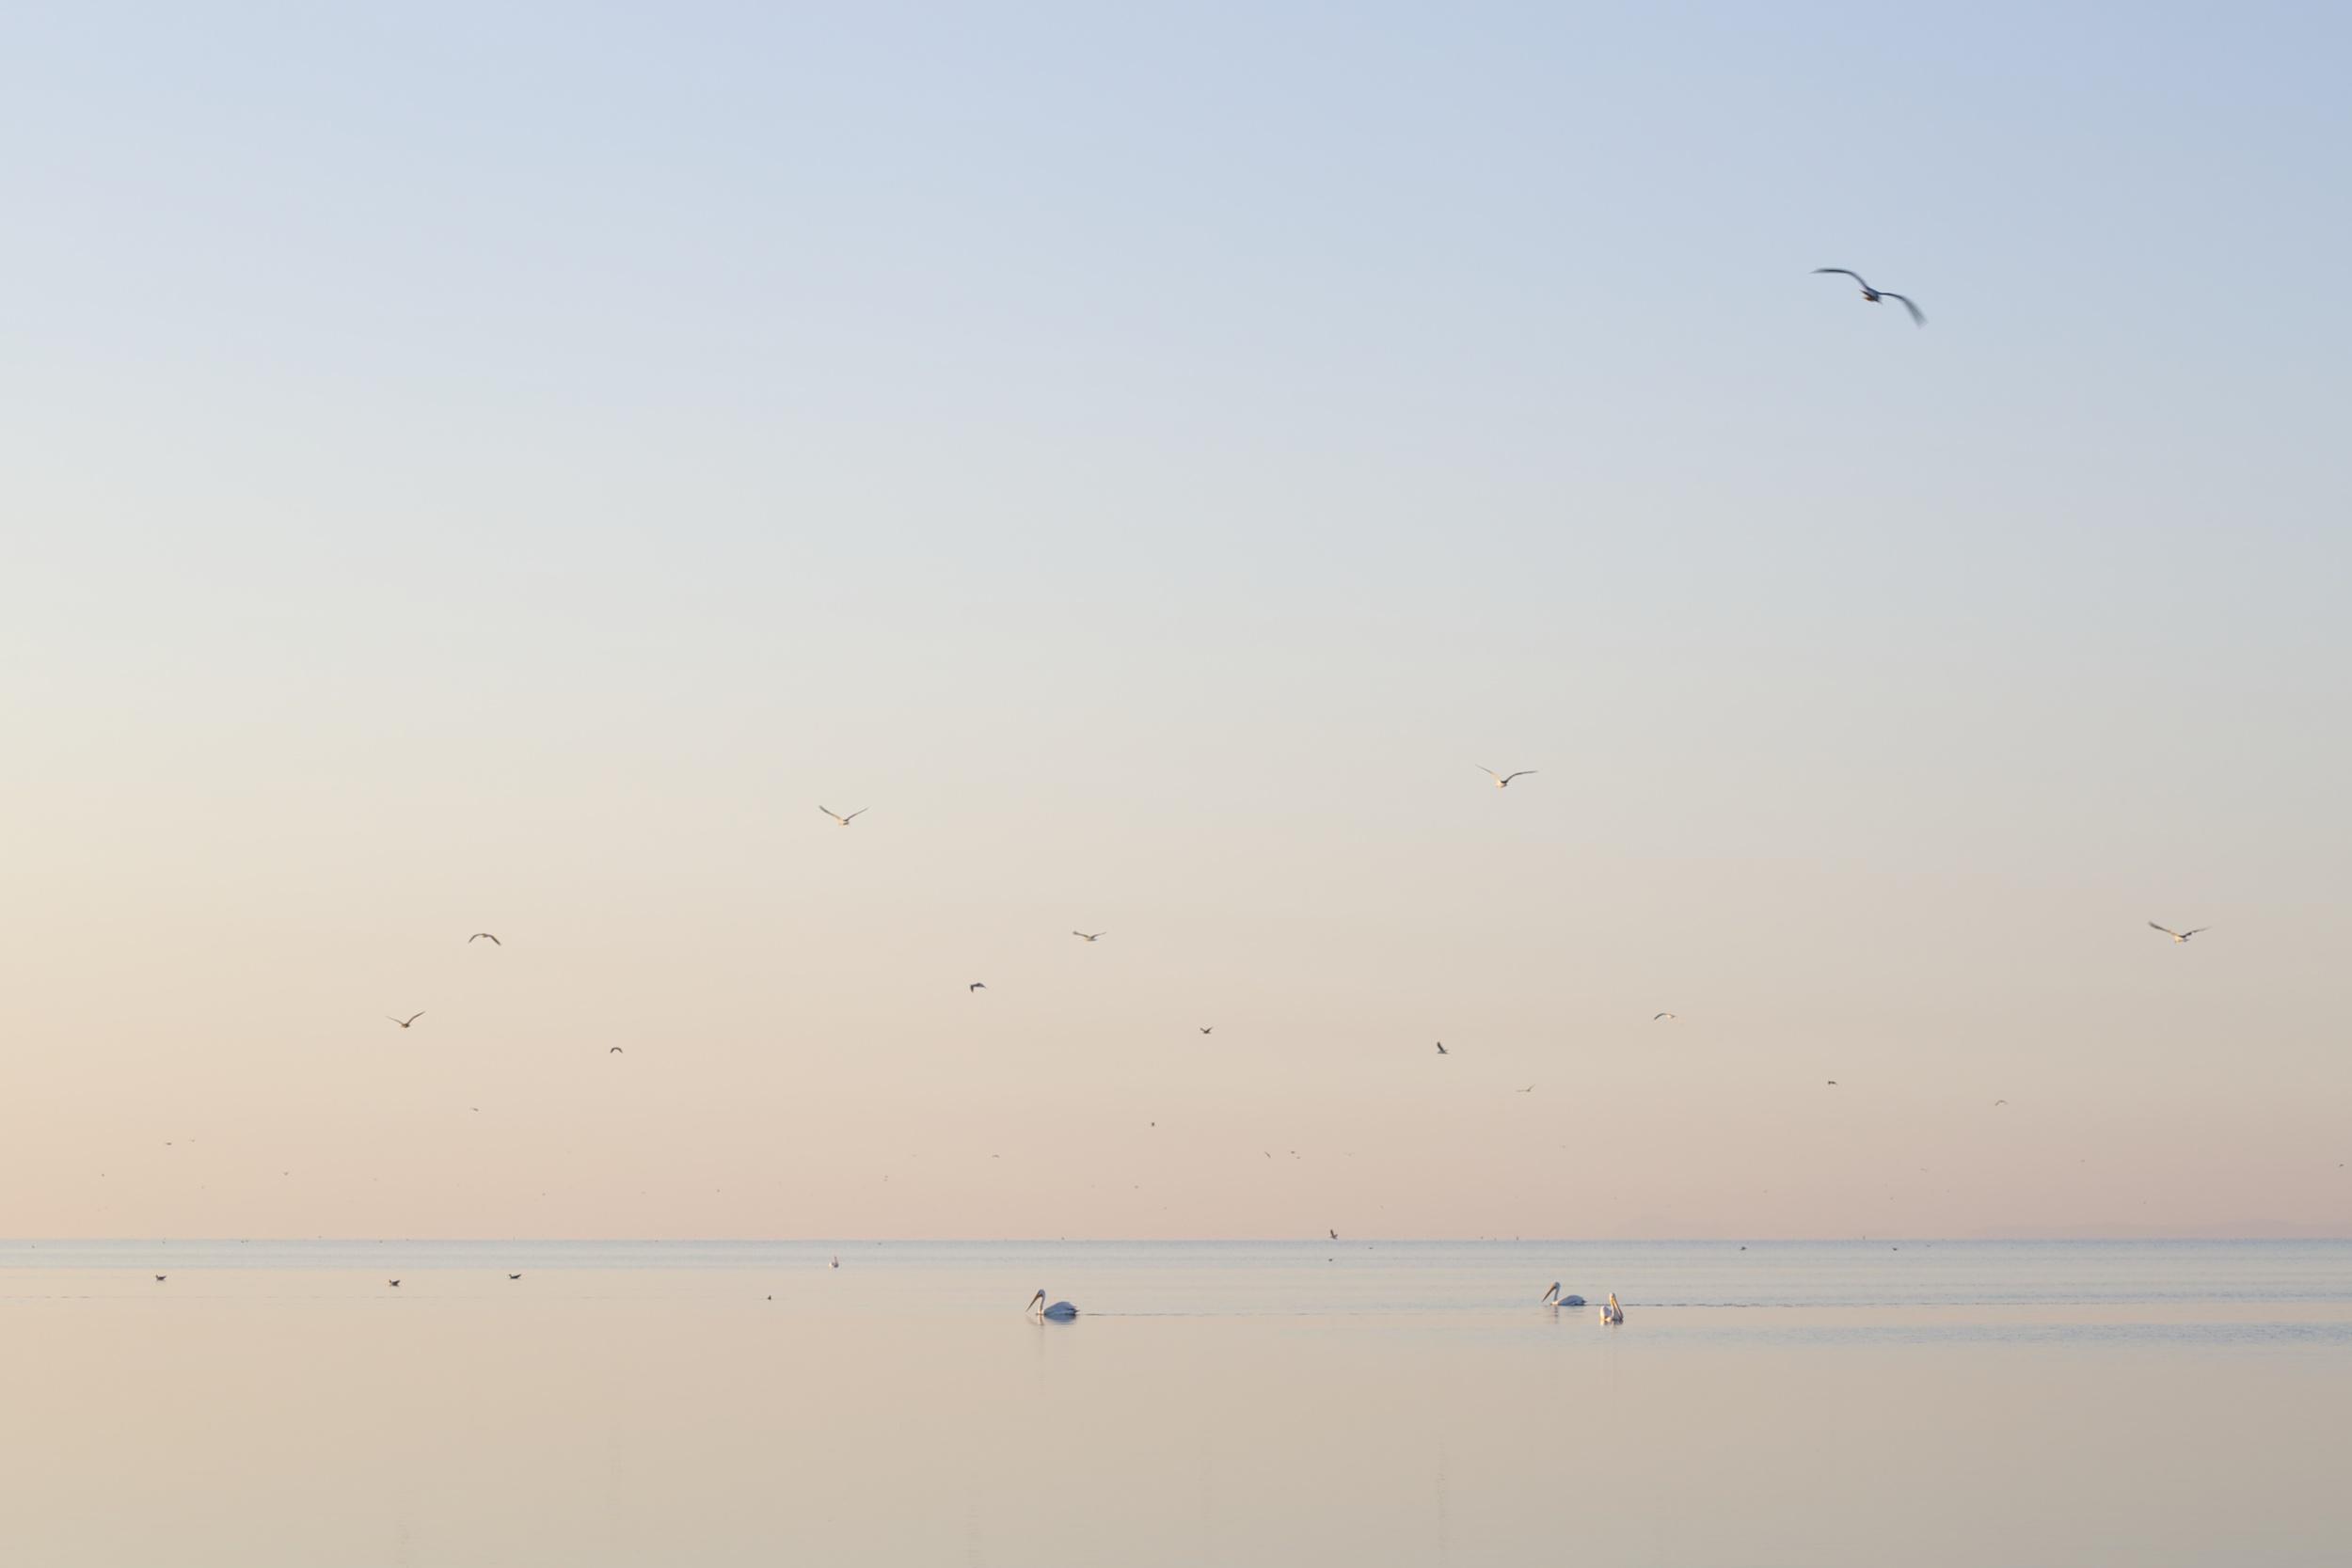 View No. 4, Salton Sea, California,  2015